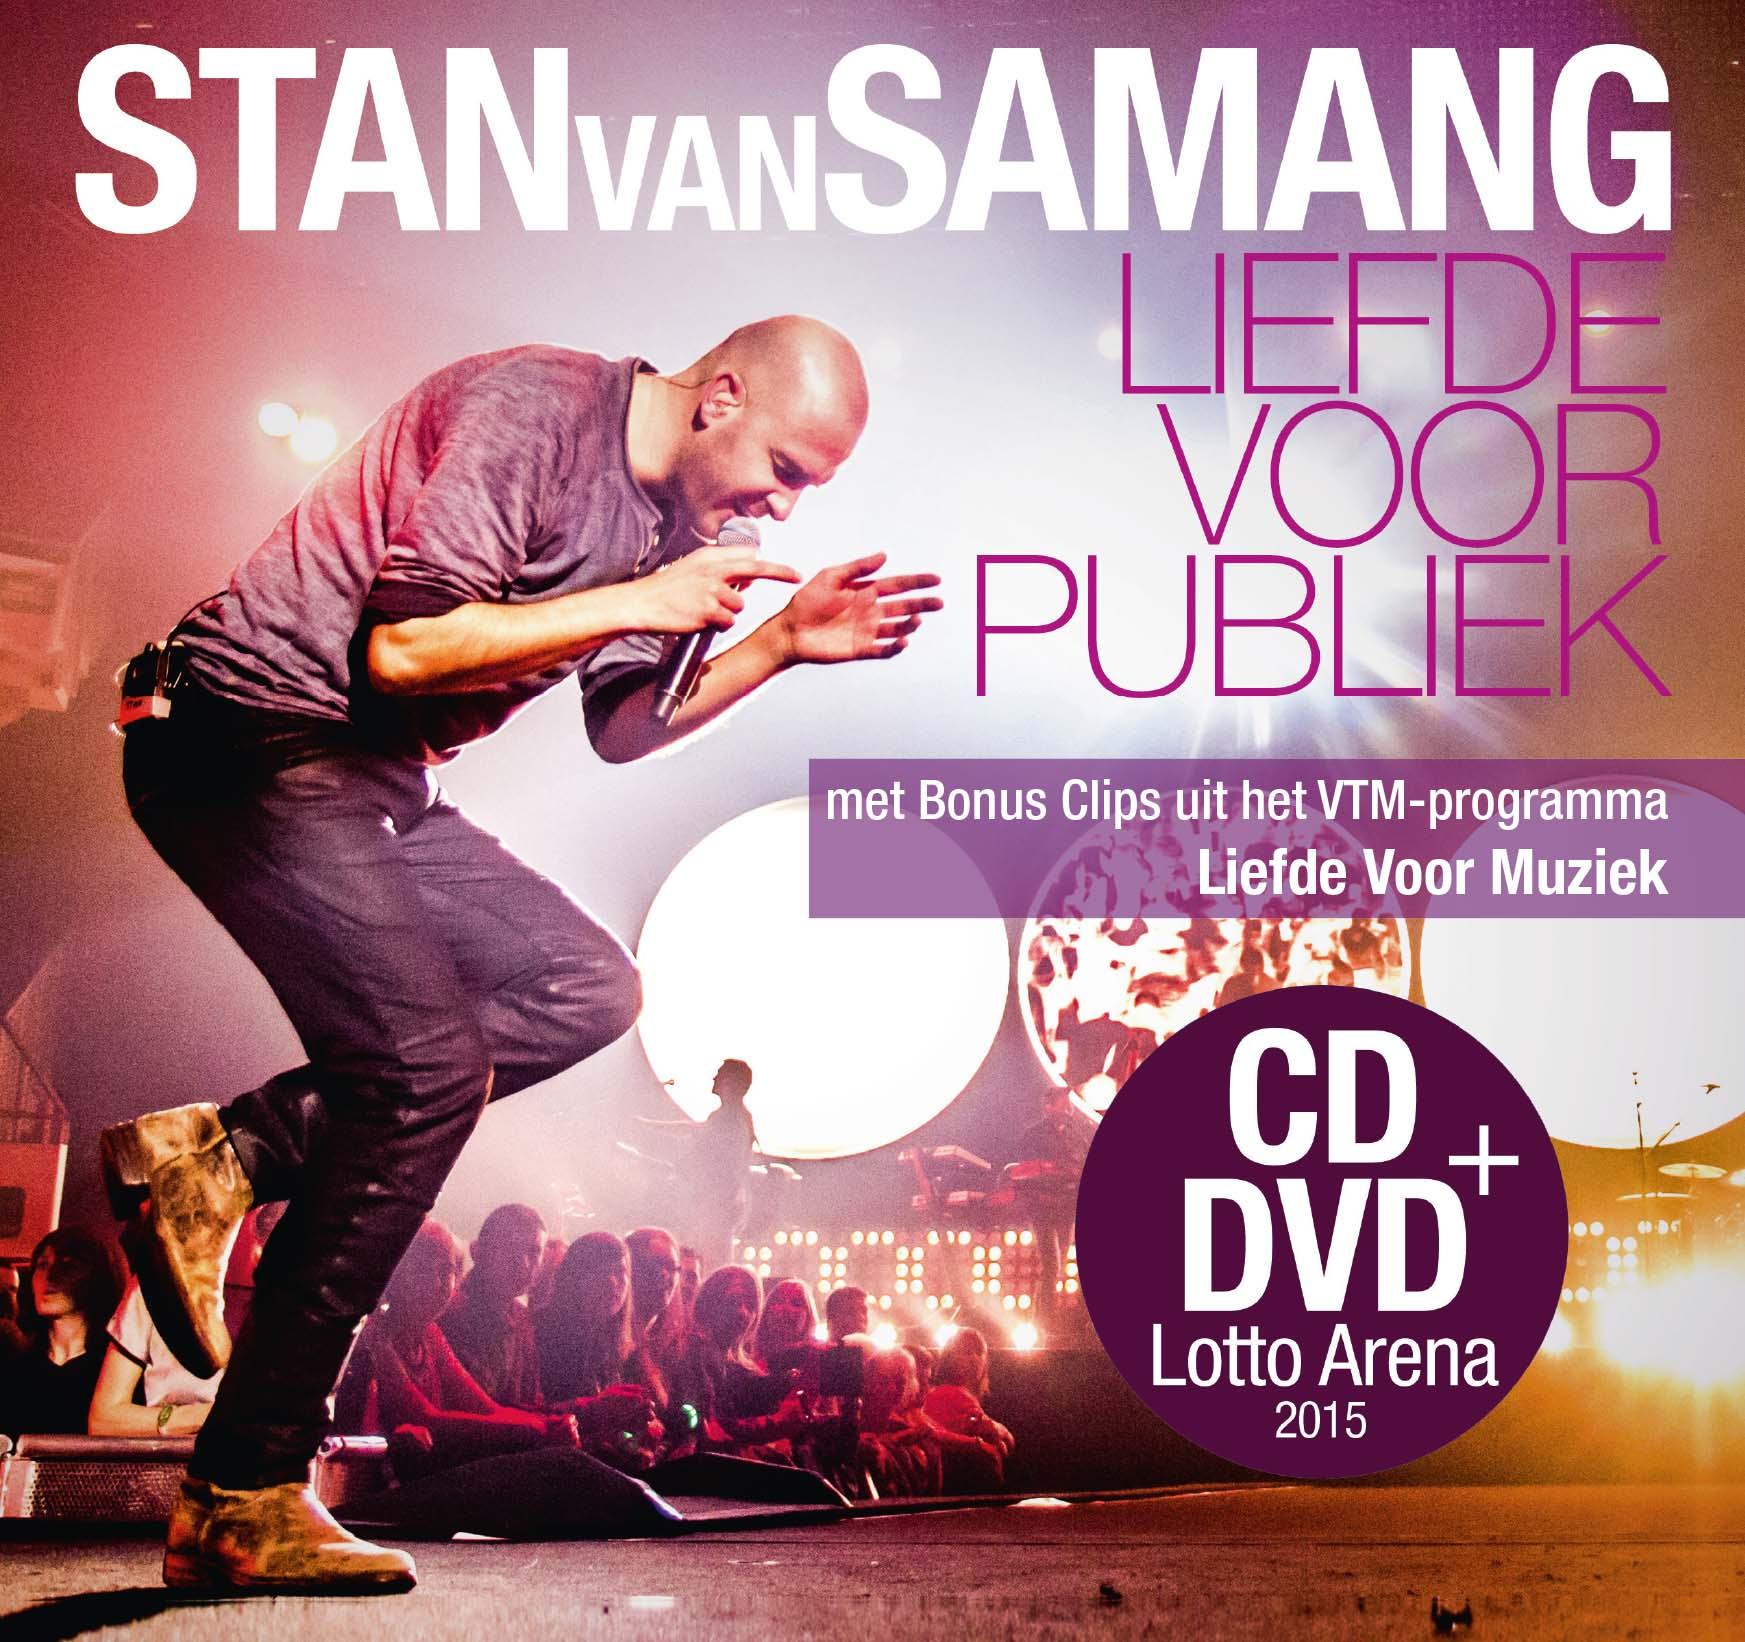 Liefde voor publiek Artwork DVD + CD